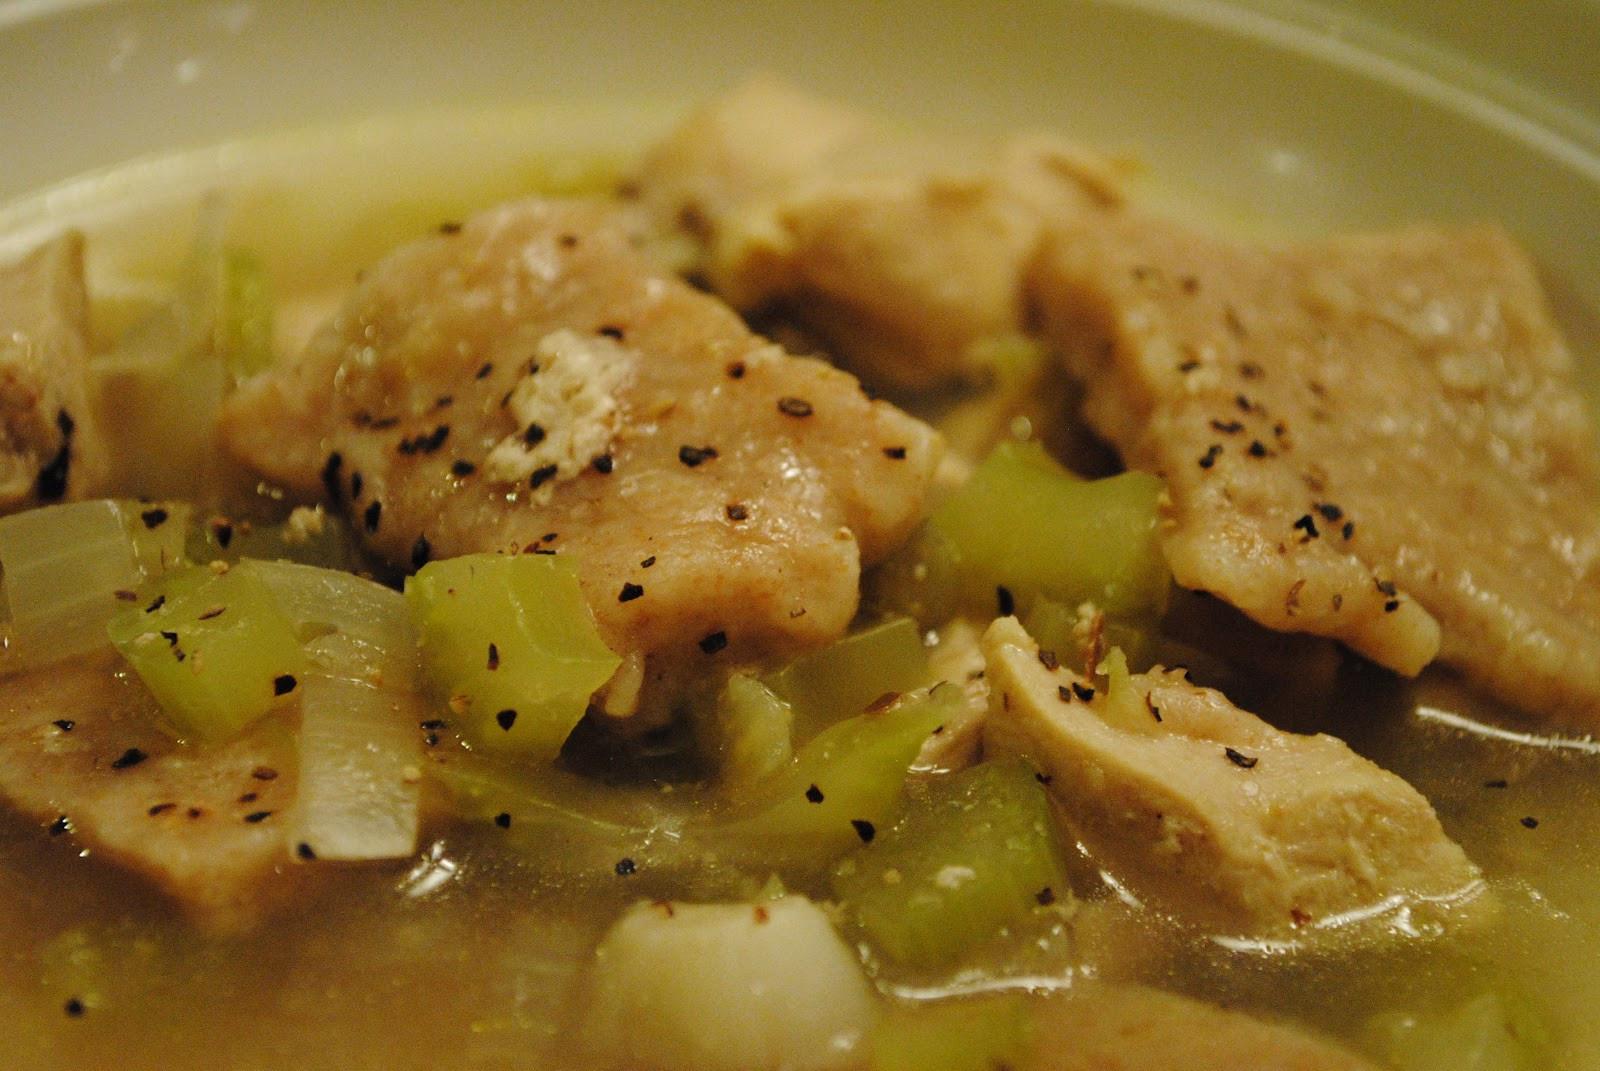 Paula Deen Chicken And Dumplings  Cookin Lean Like Paula Deen March 2012